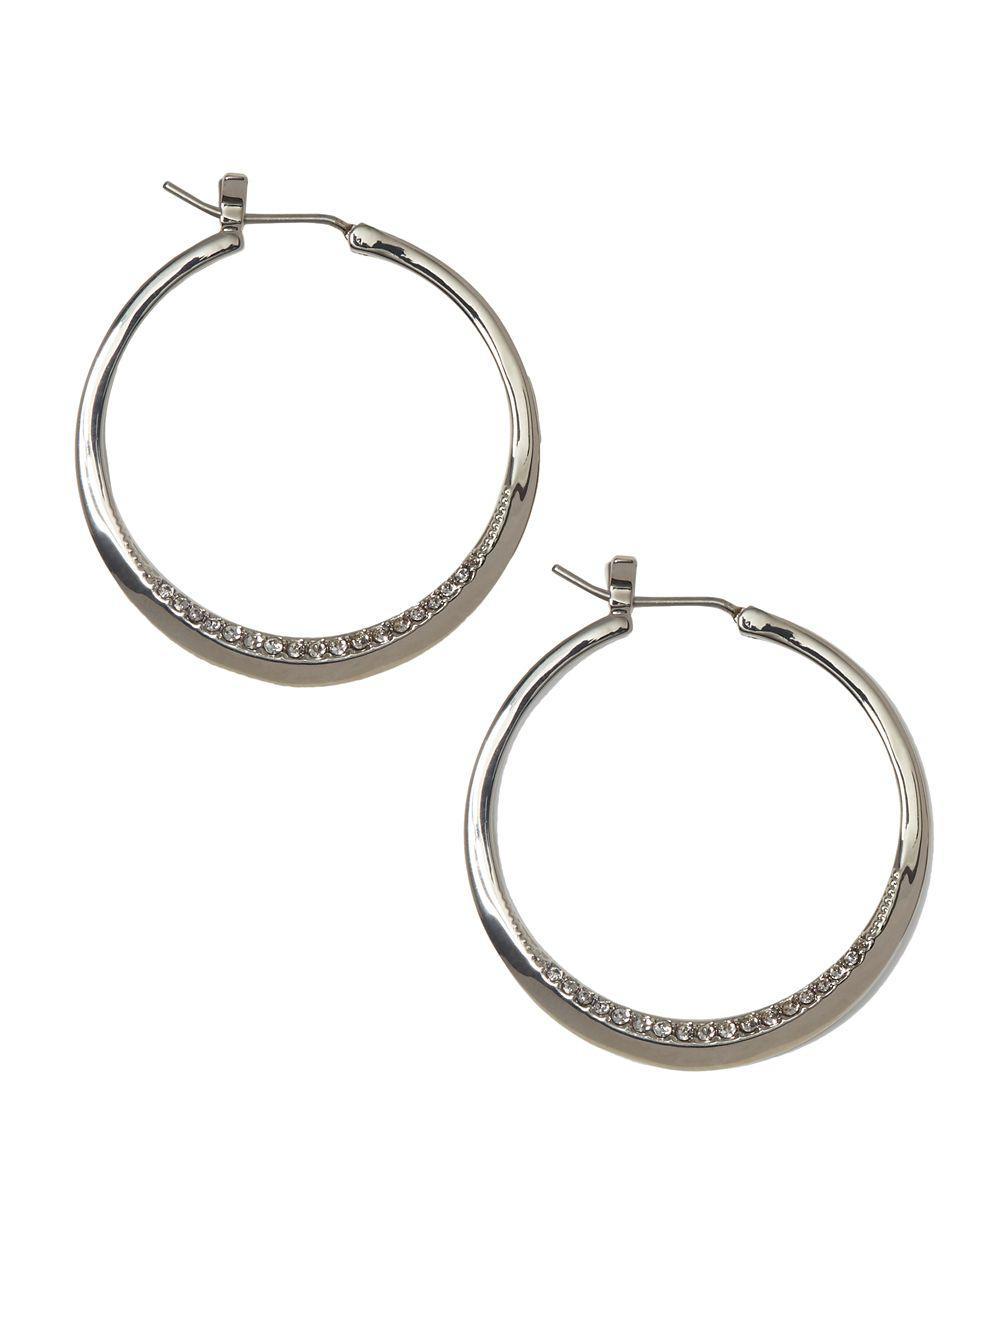 Vince Camuto Women S Metallic Silvertone Crystal Pave Rim Hoop Earrings